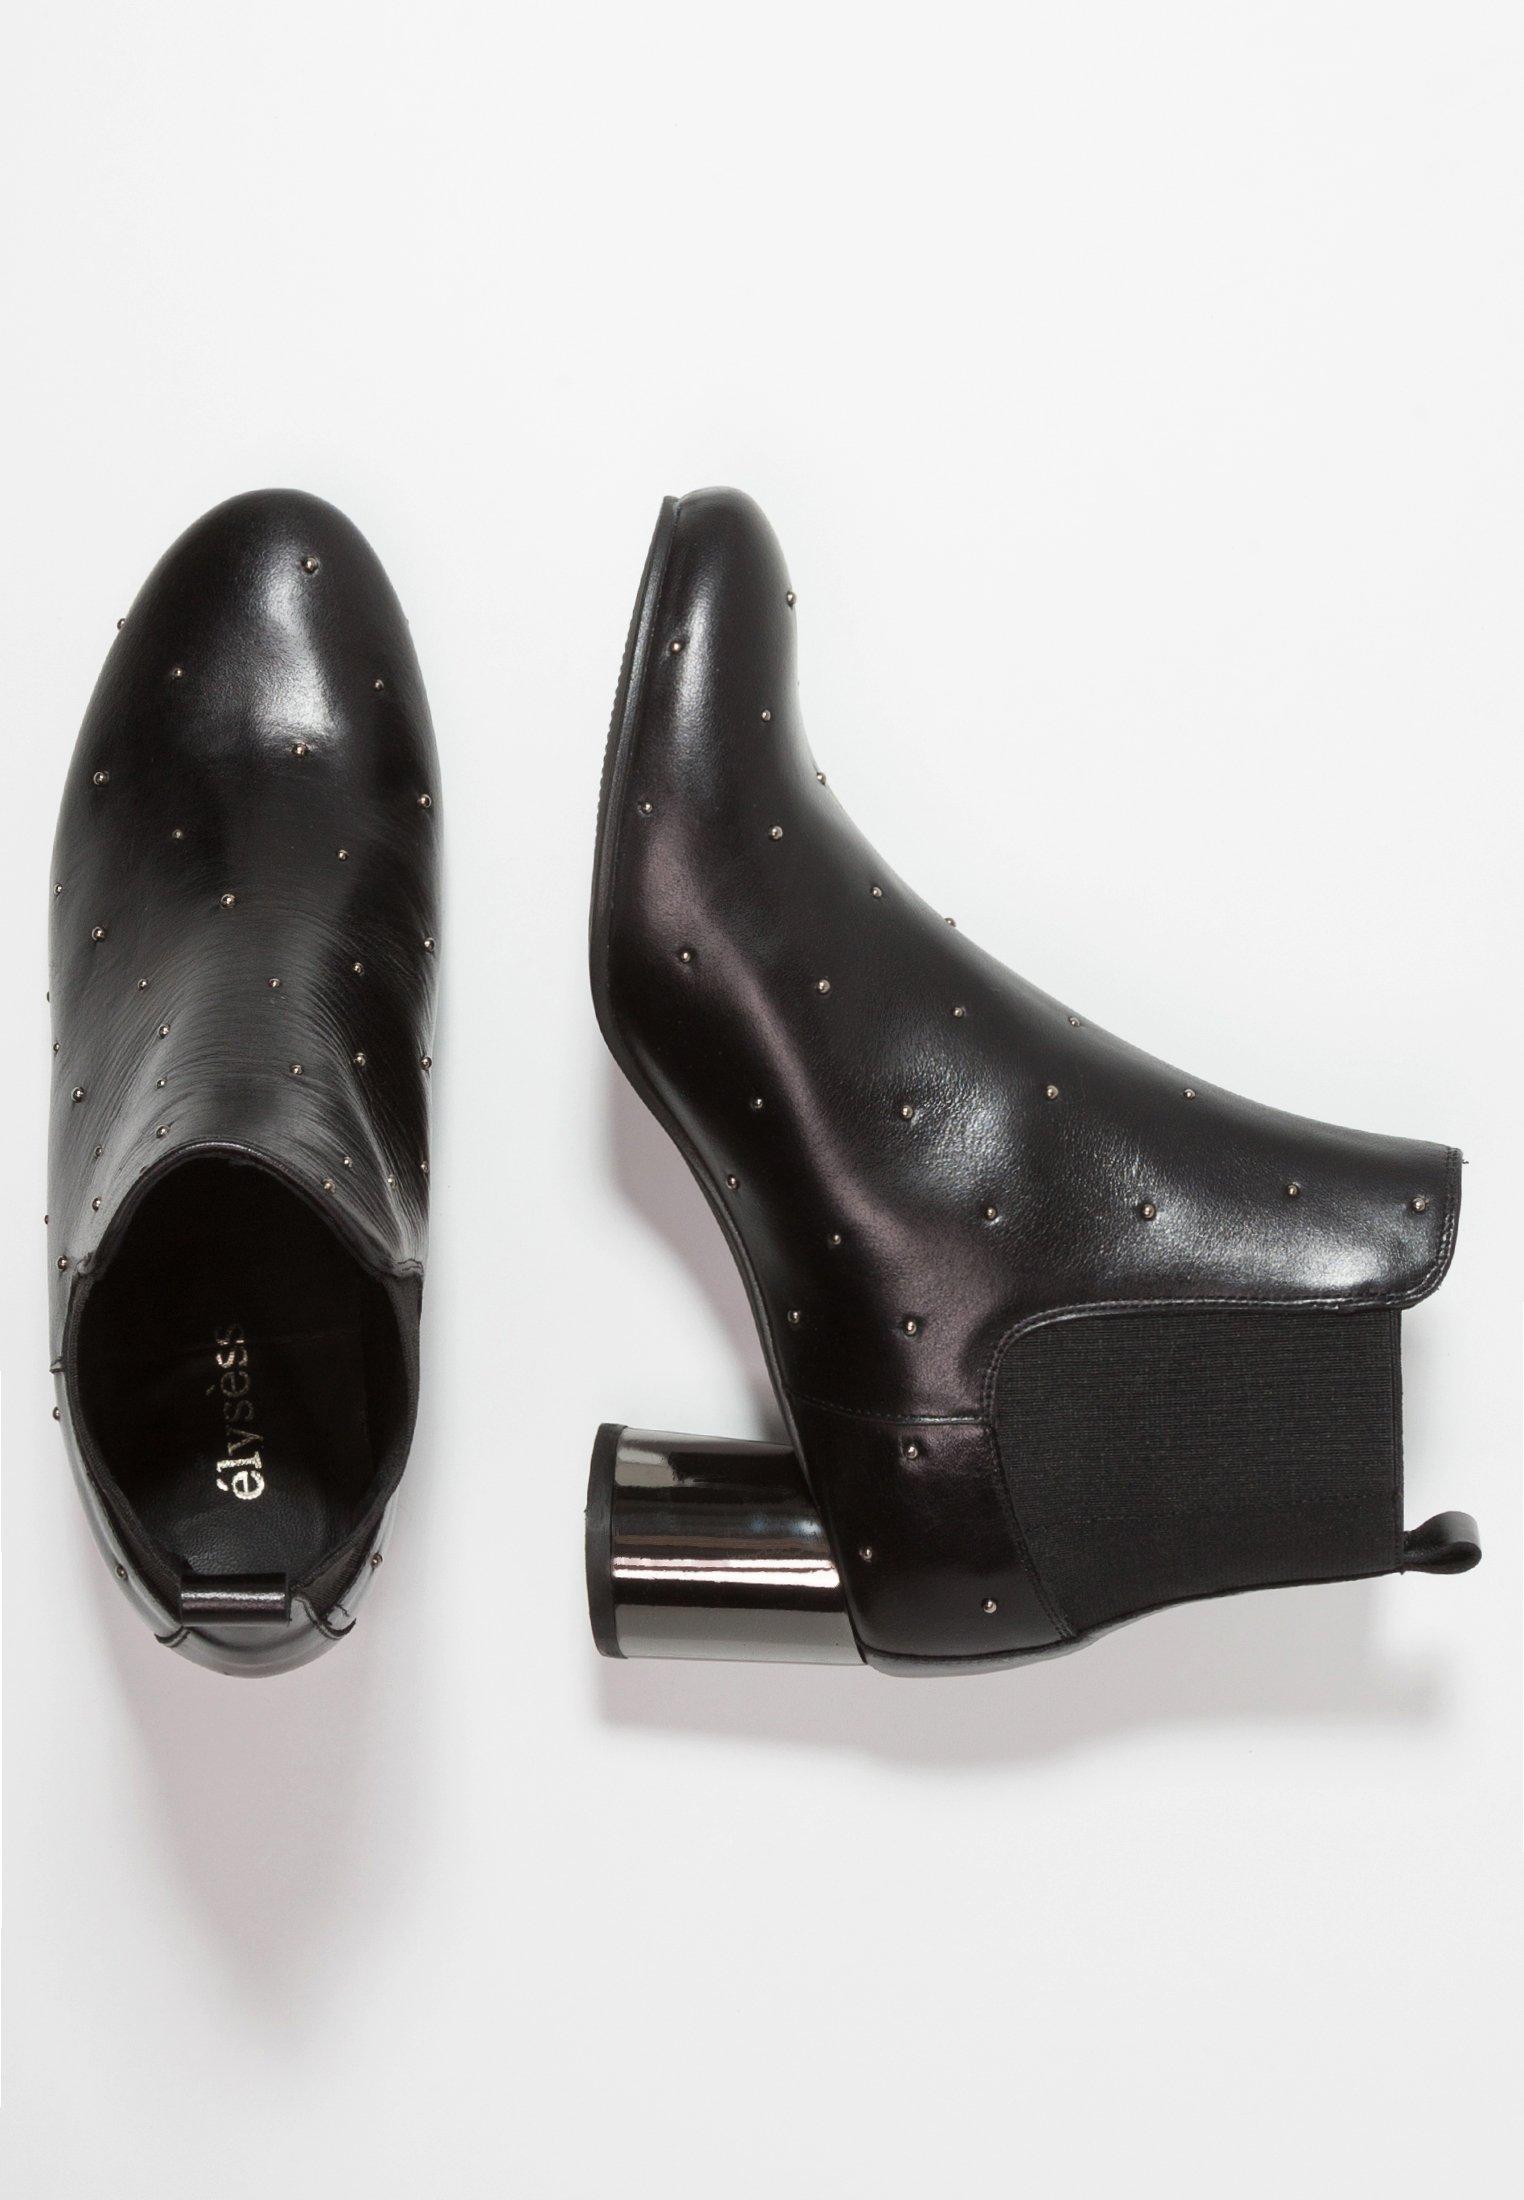 À Boots Boots Boots À TalonsNero Élysèss TalonsNero Élysèss Boots Élysèss À Élysèss TalonsNero 76yYfbg